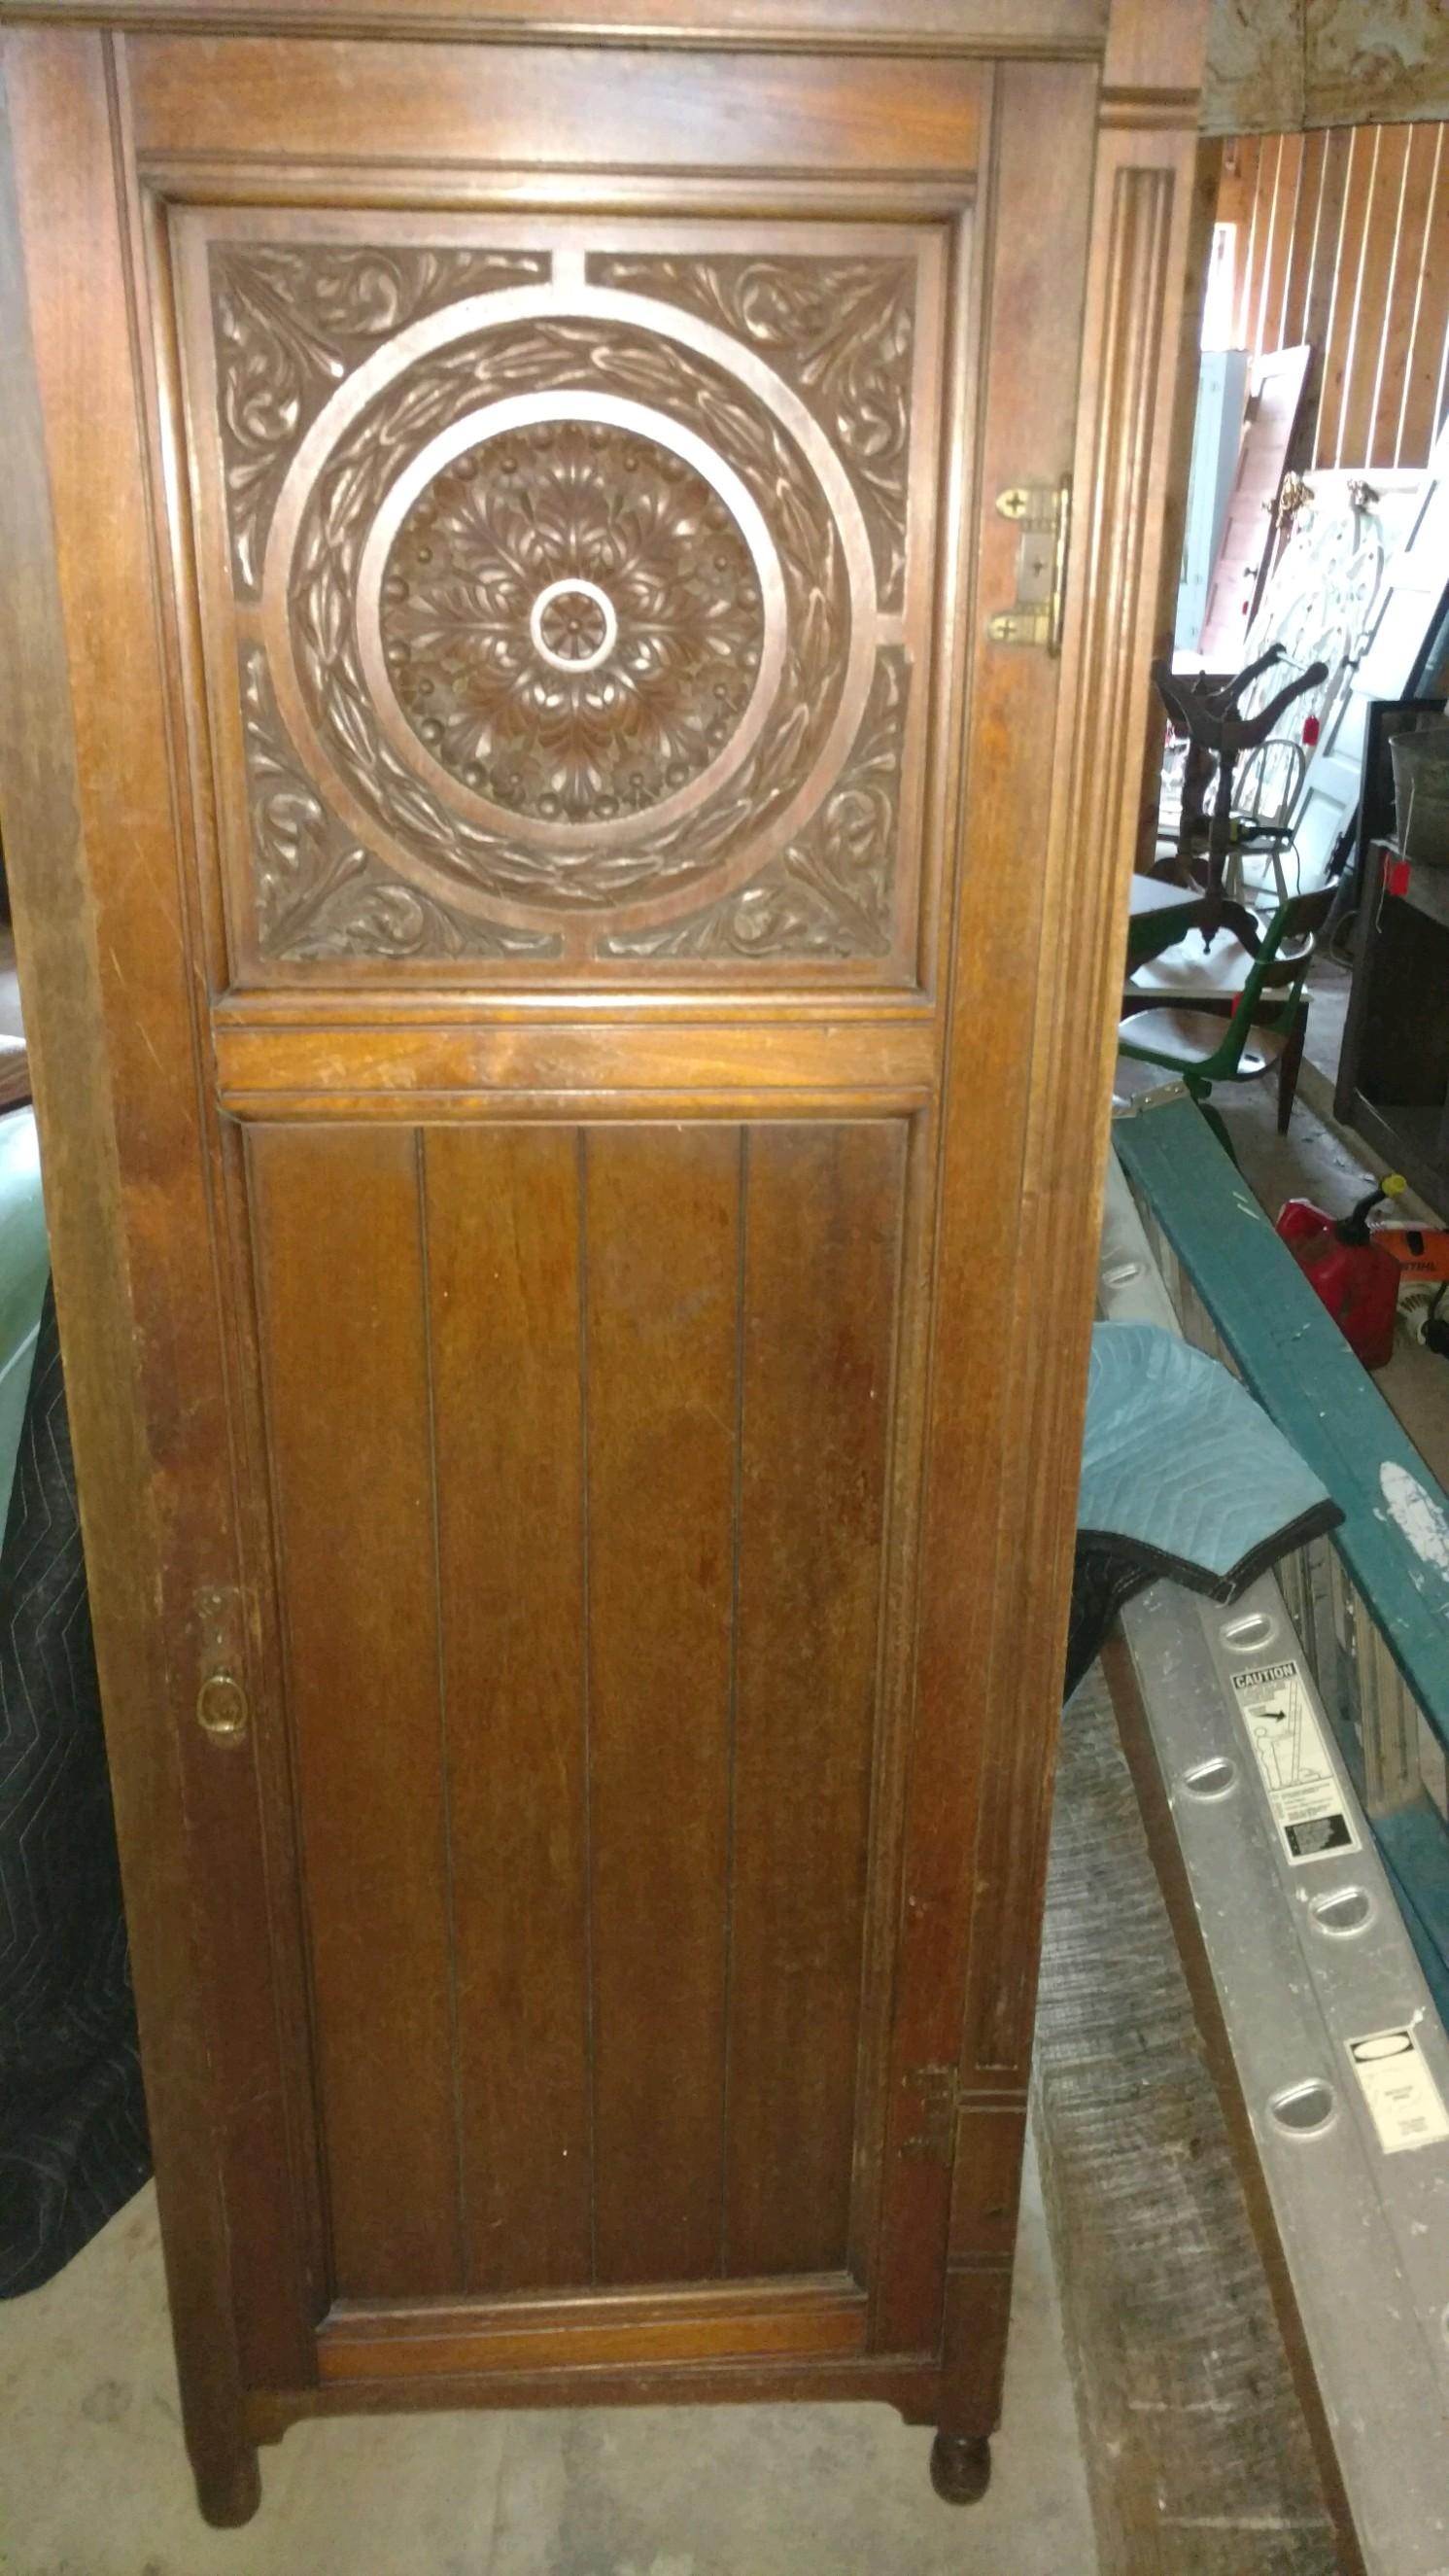 Tracks of Time Antiques - Bishop, GA (9)